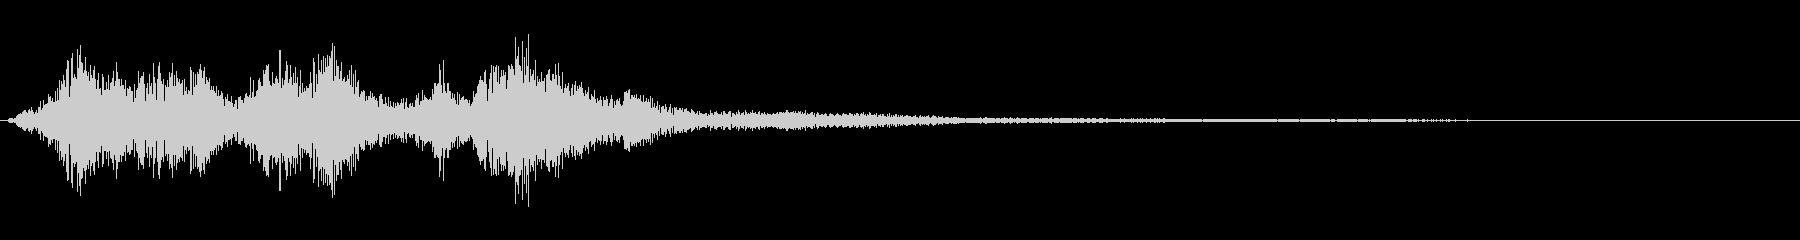 ハープ:コーダルグリスダウンの未再生の波形